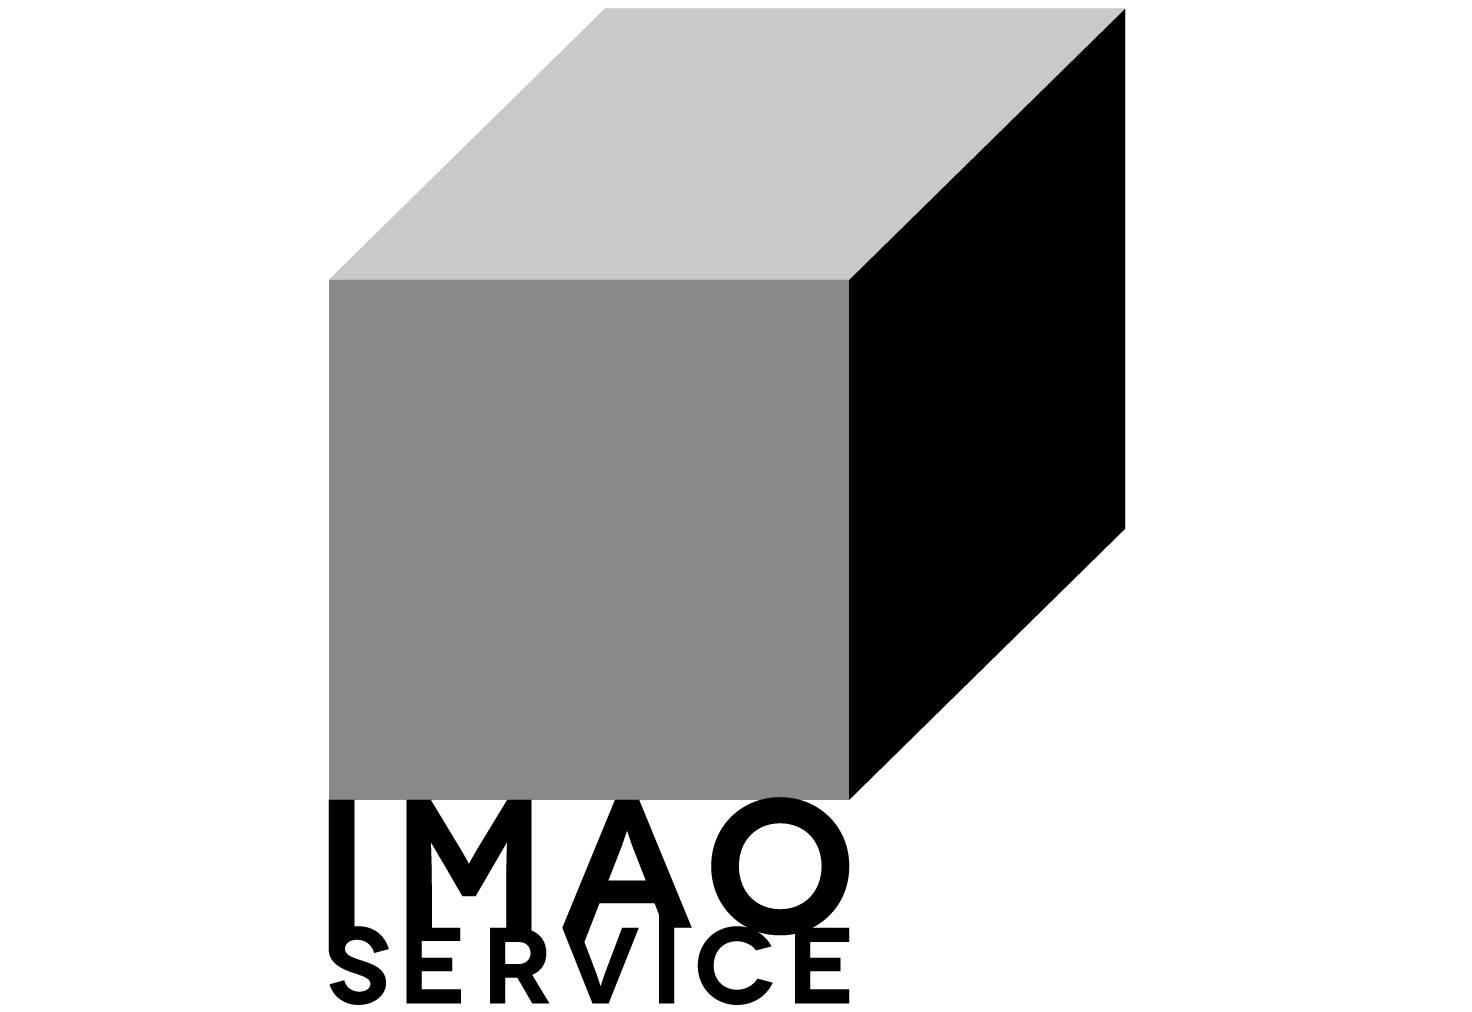 株式会社イマオサービス